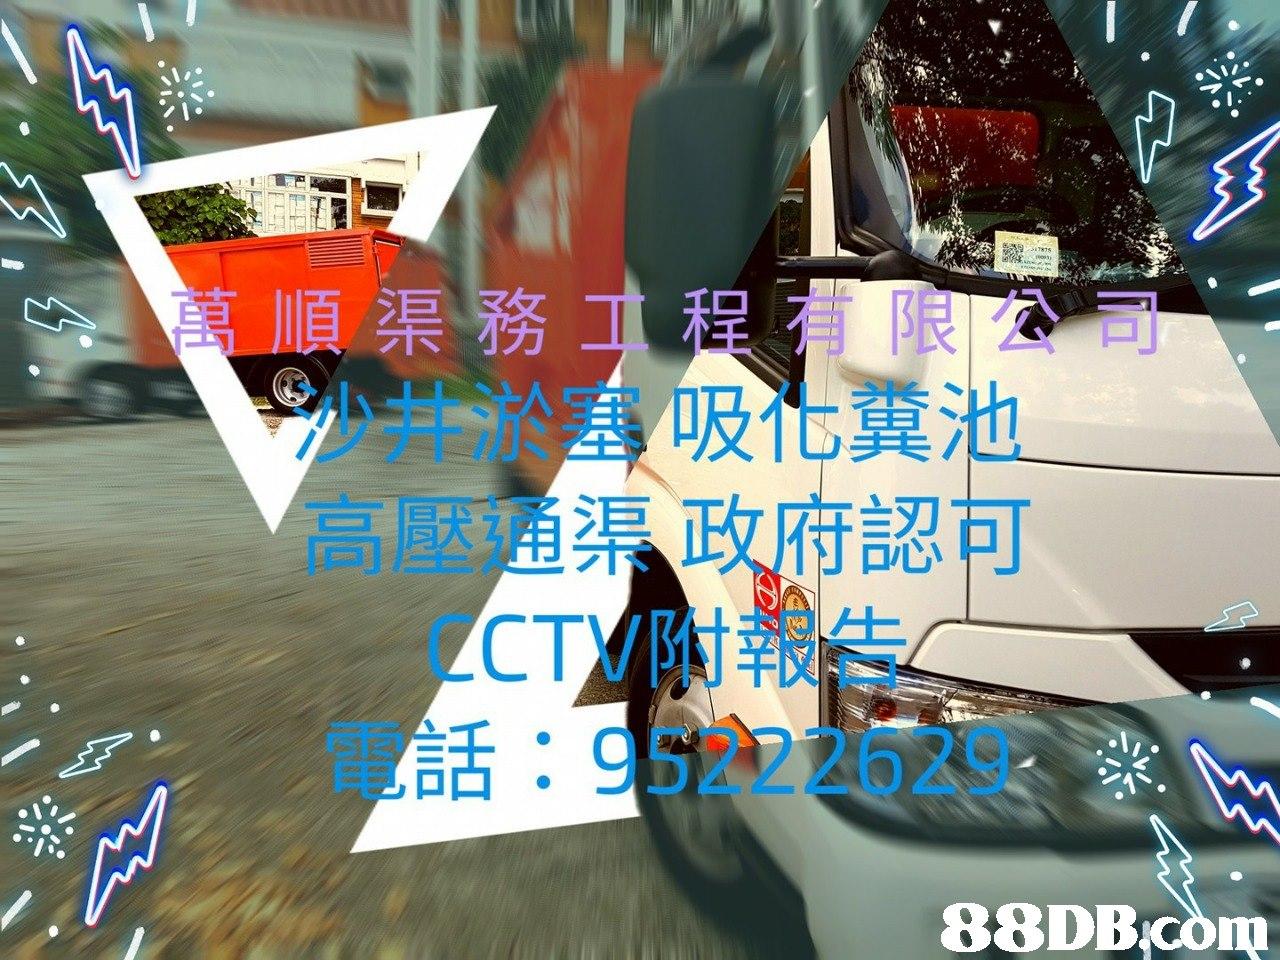 順渠 程有限公司 - 沙井淤塞吸化糞池 高壓通渠政府認可 CCTV附報告 電話: 95222629 88DB Com  advertising,car,banner,